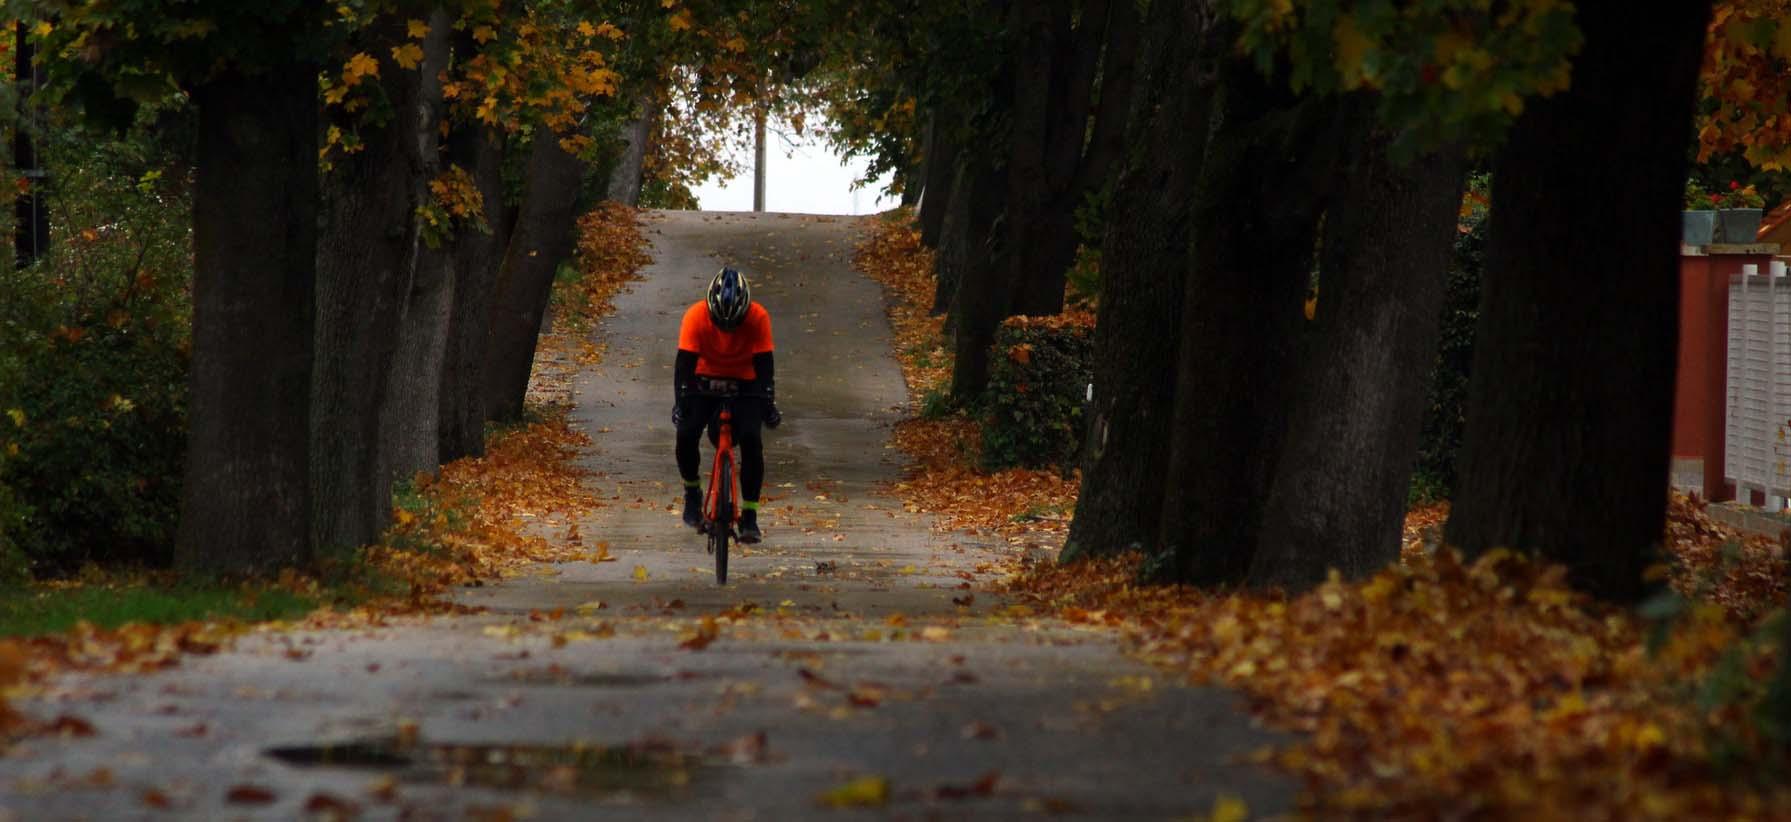 Biken im Herbst